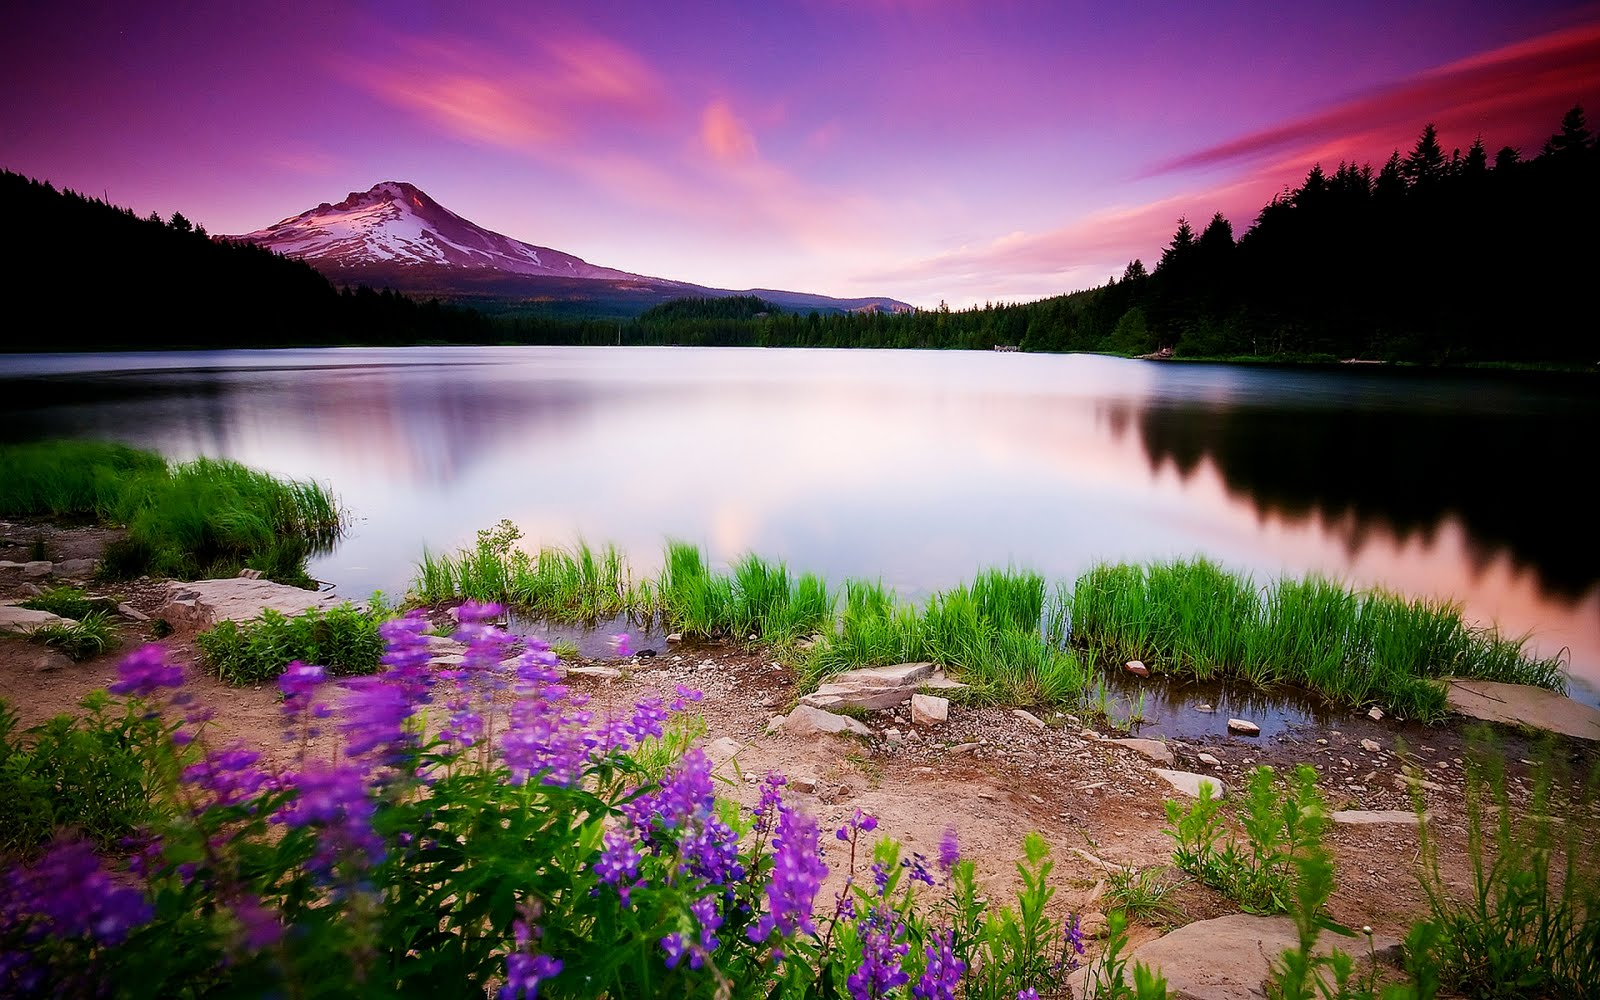 Paisajes Naturales- Montaña nevada junto al lago con flores violeta